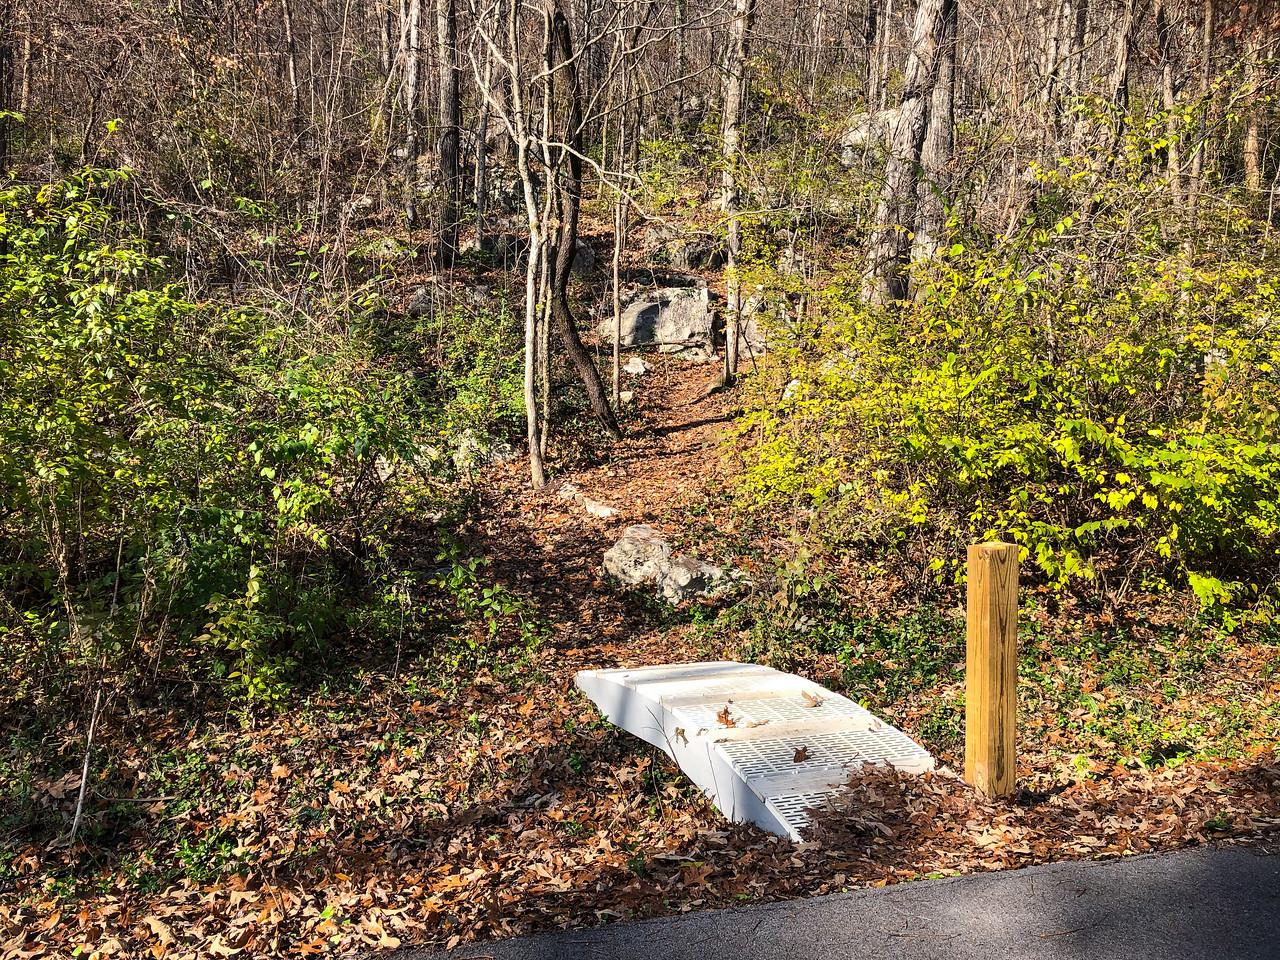 Small plastic bridge crossing into a path.